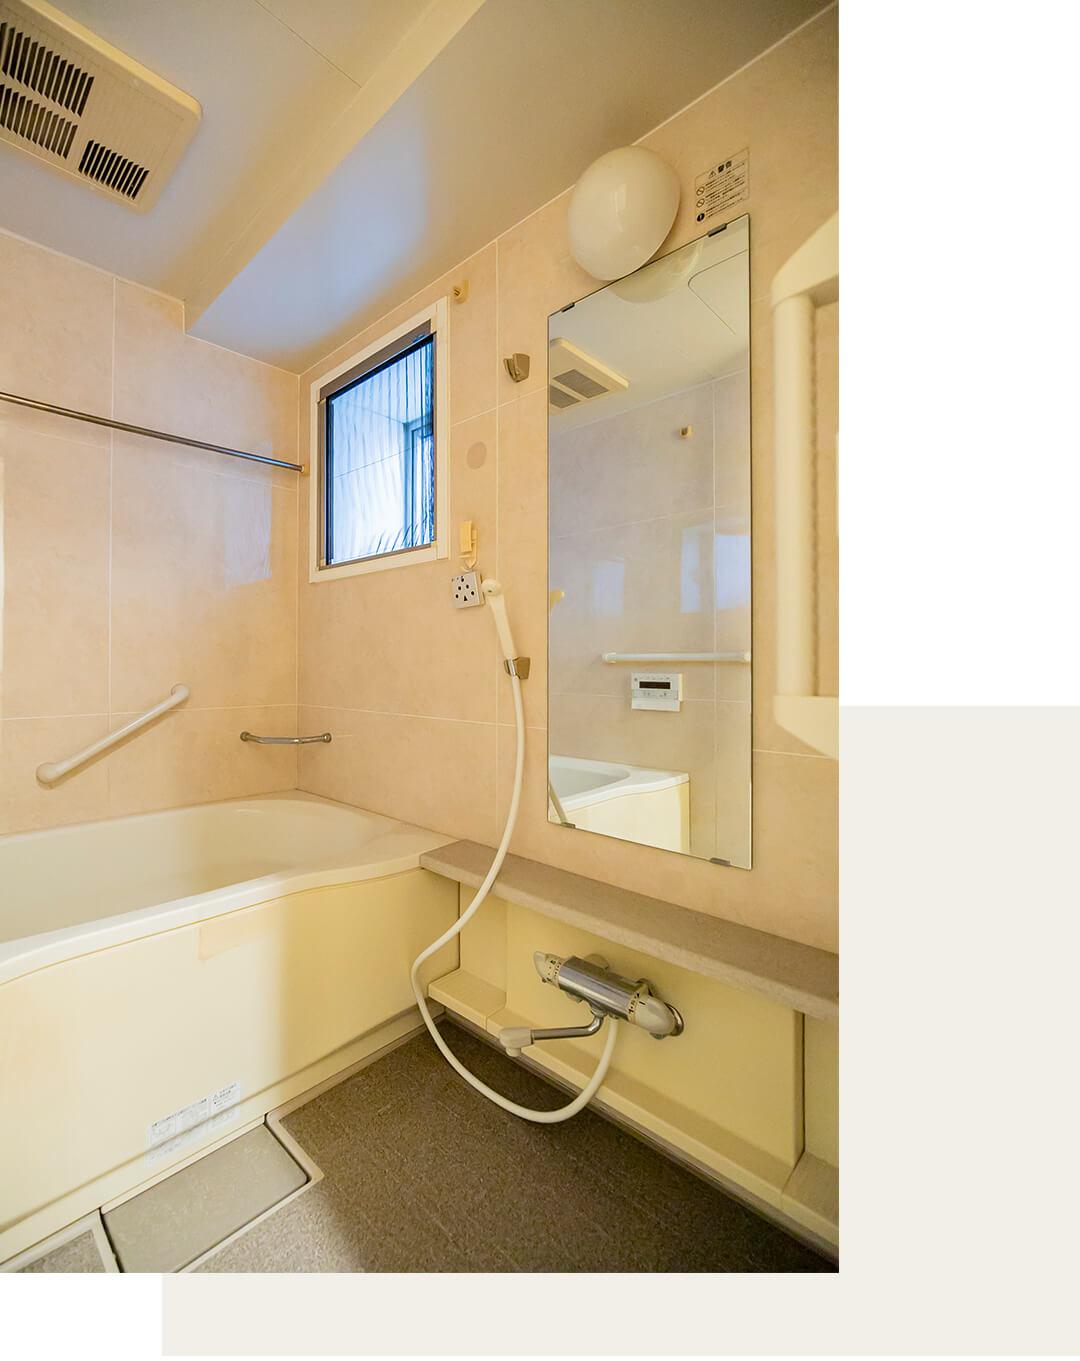 フェイムフロンテージ高田馬場の浴室